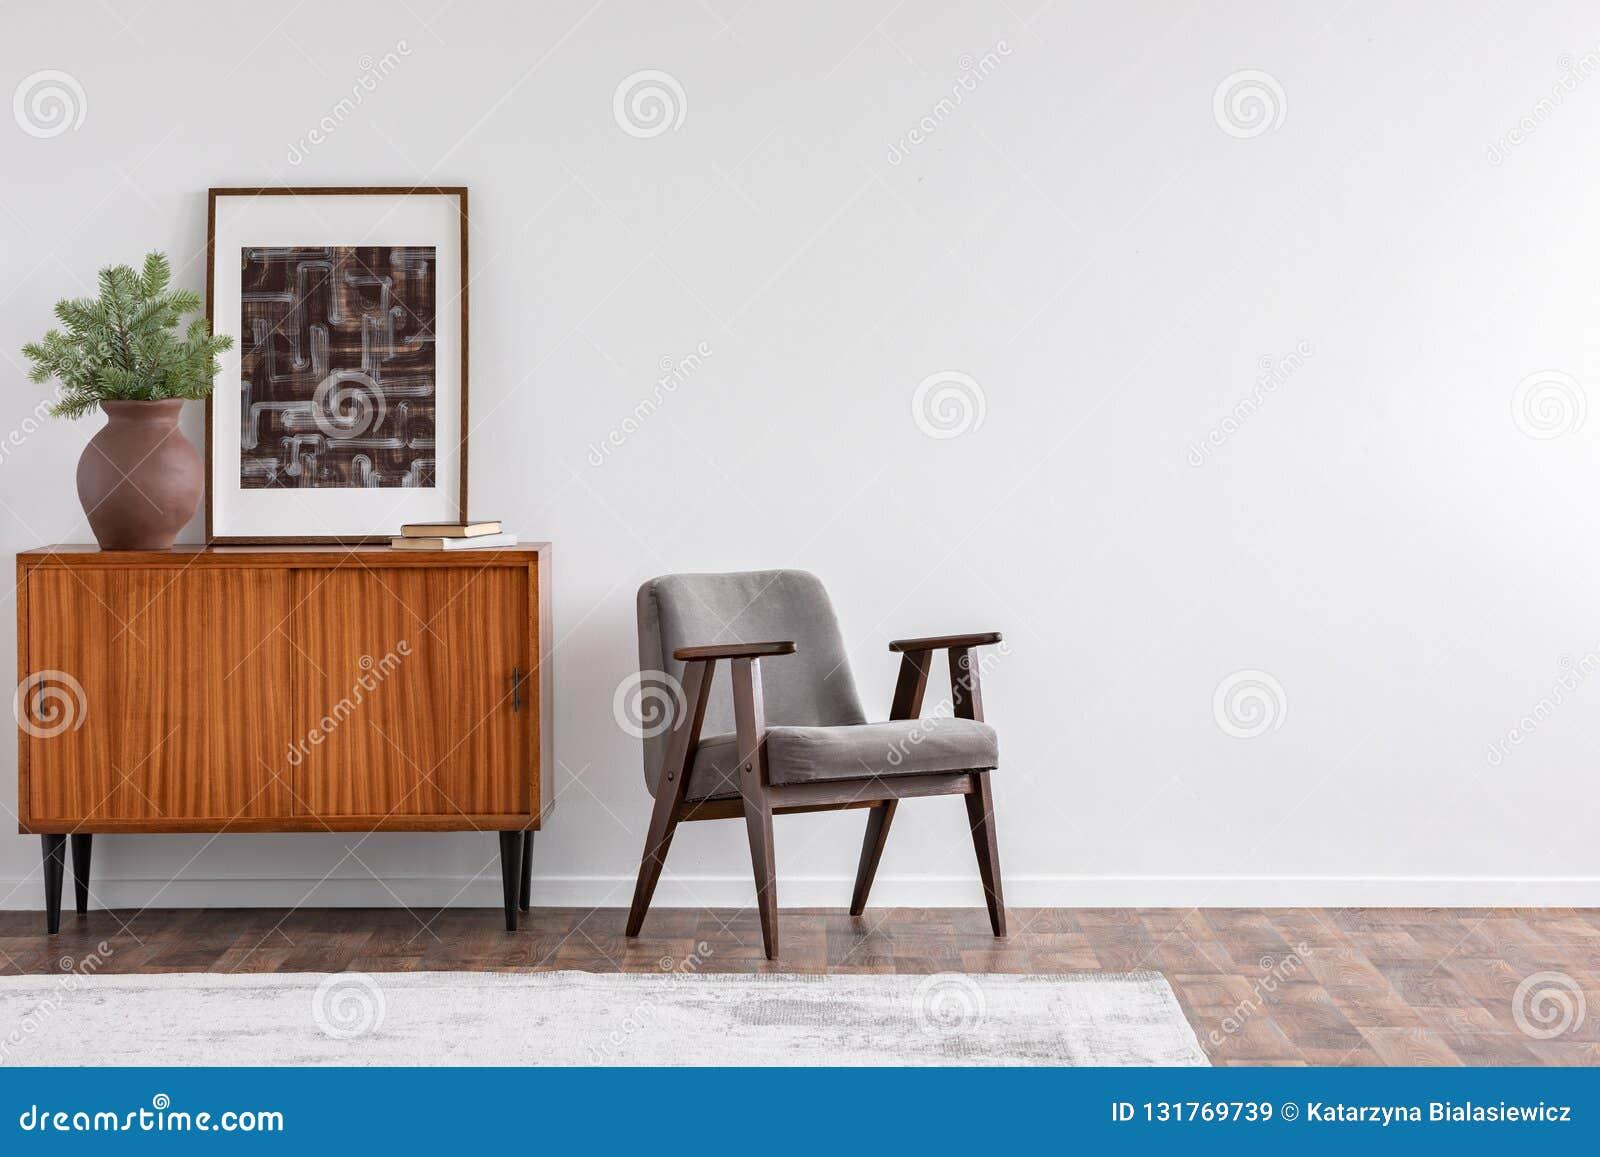 Rocznika żywy izbowy wnętrze z retro meble i plakatem, istna fotografia z kopii przestrzenią na białej ścianie